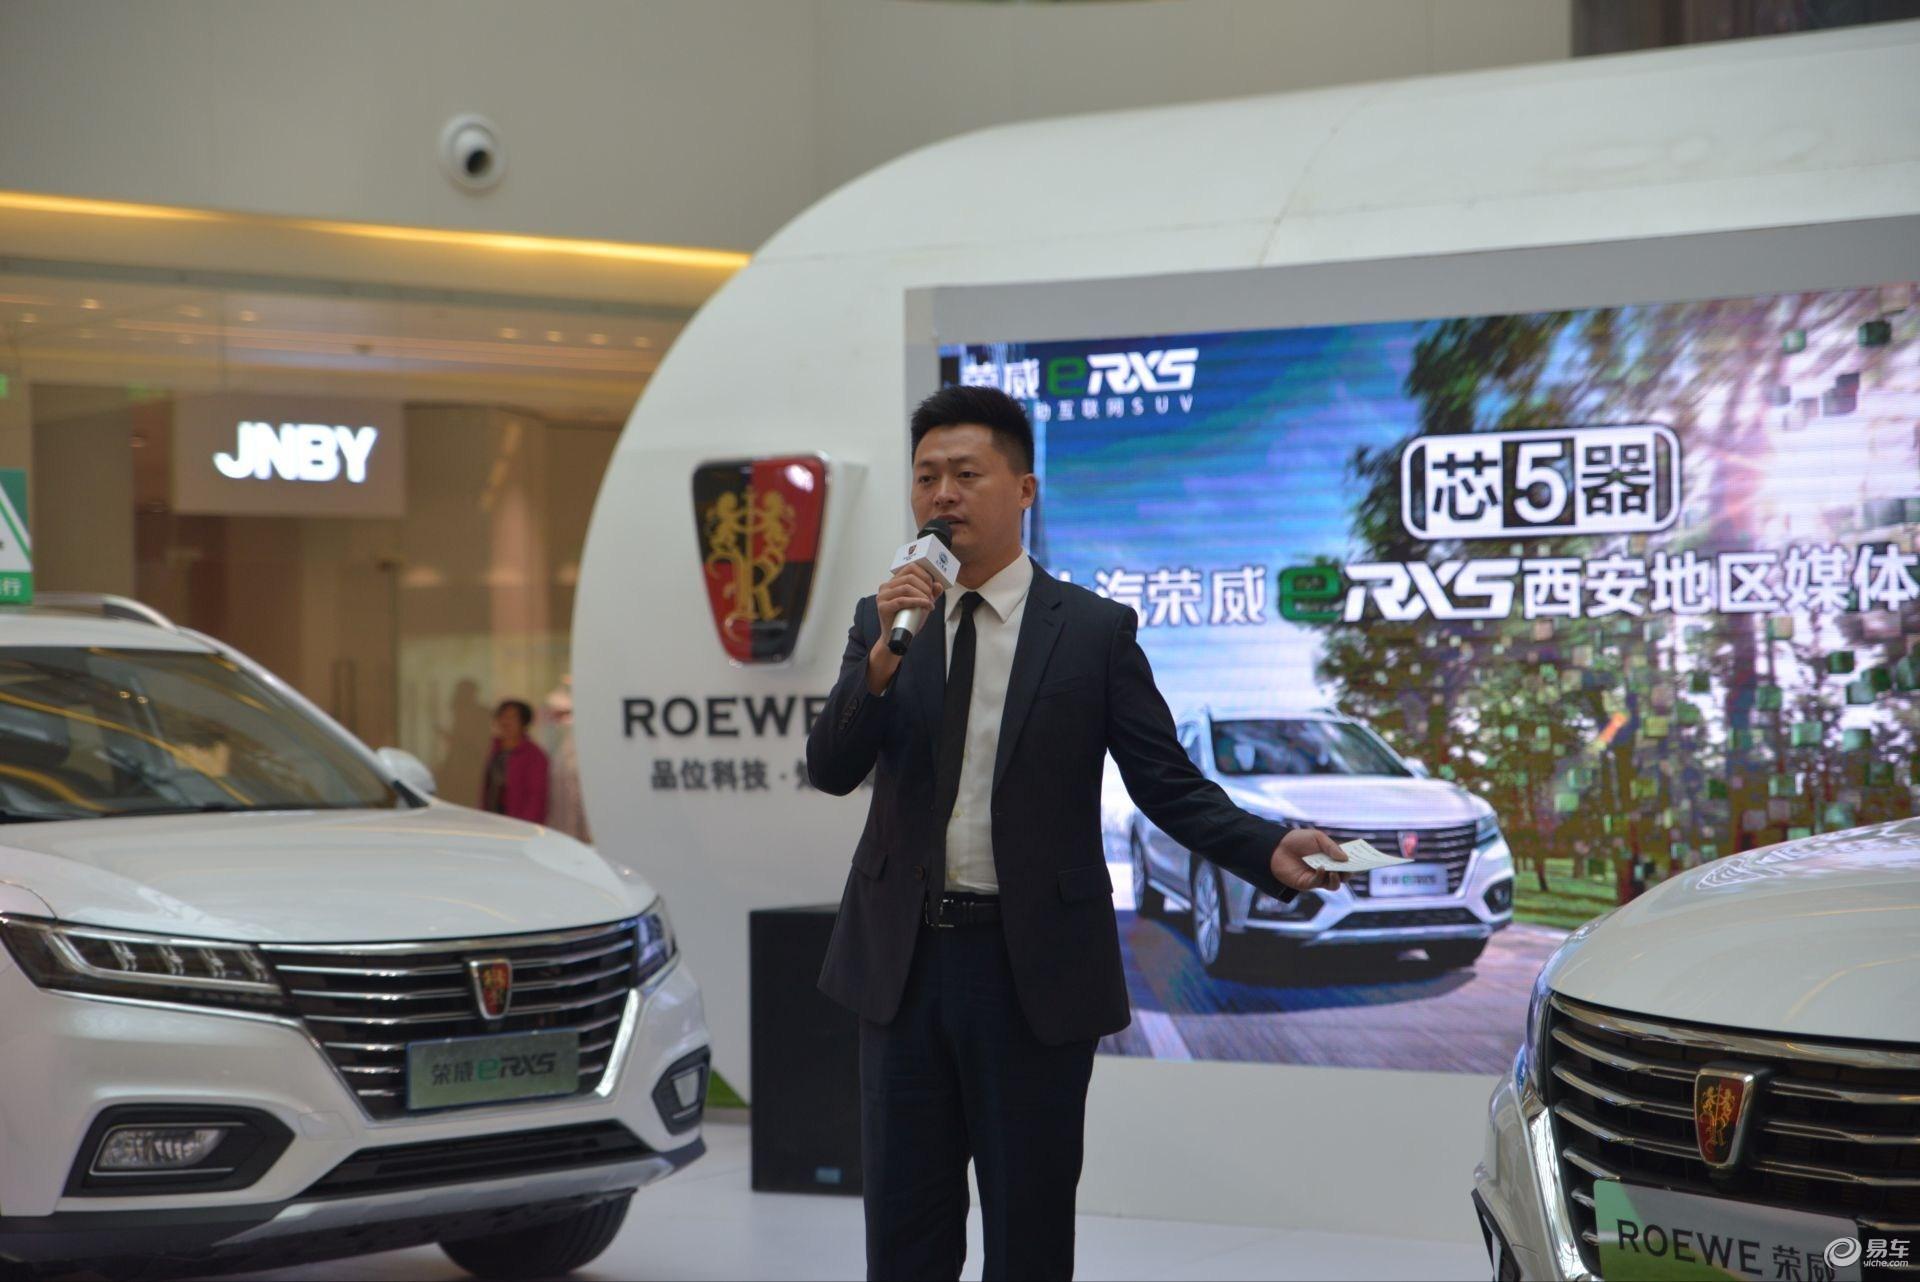 芯5器亮相!荣威eRX5插电混动互联网SUV正式登陆西安